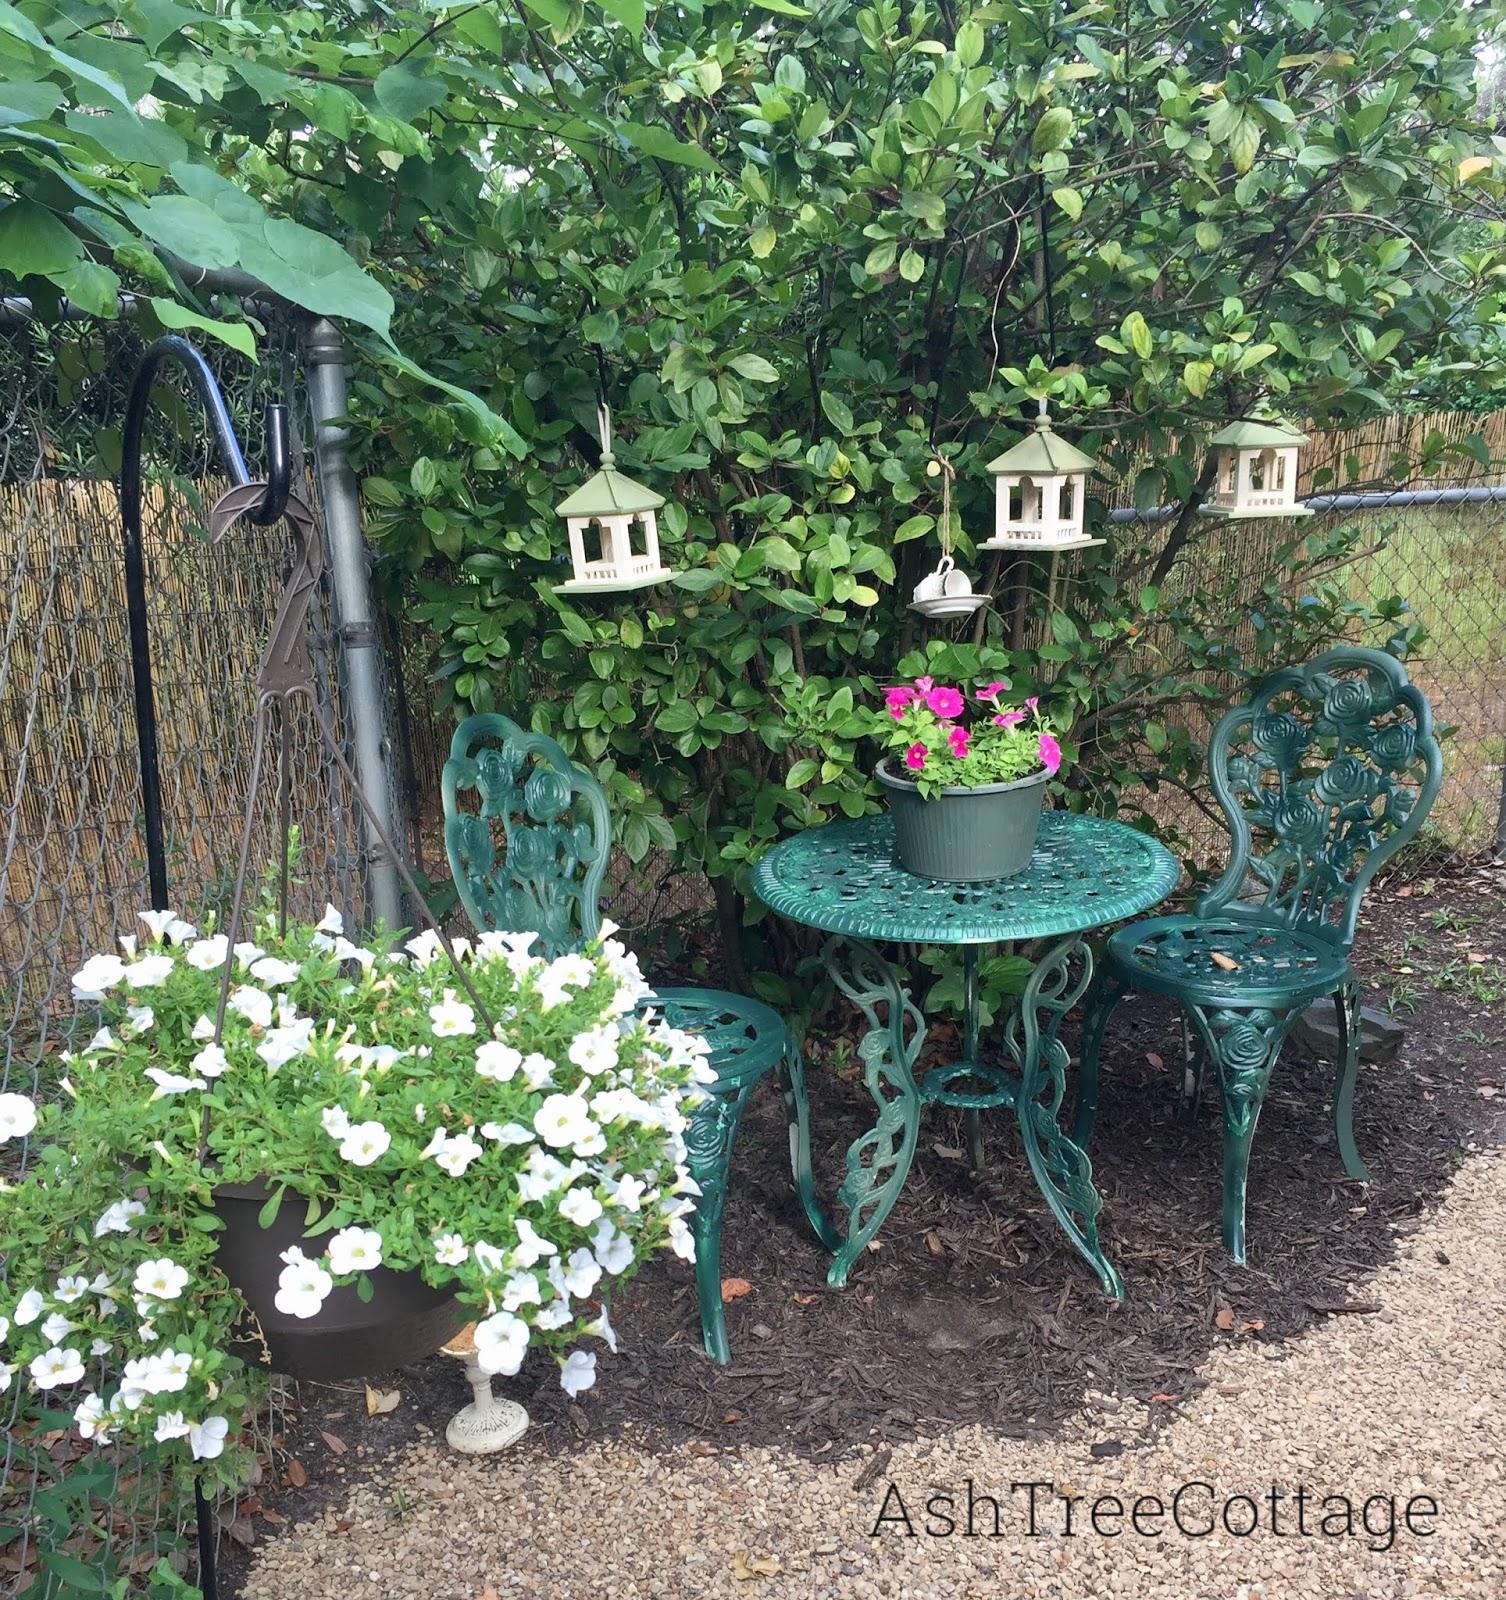 My Secret Garden: Ash Tree Cottage: Welcome To My Secret Garden